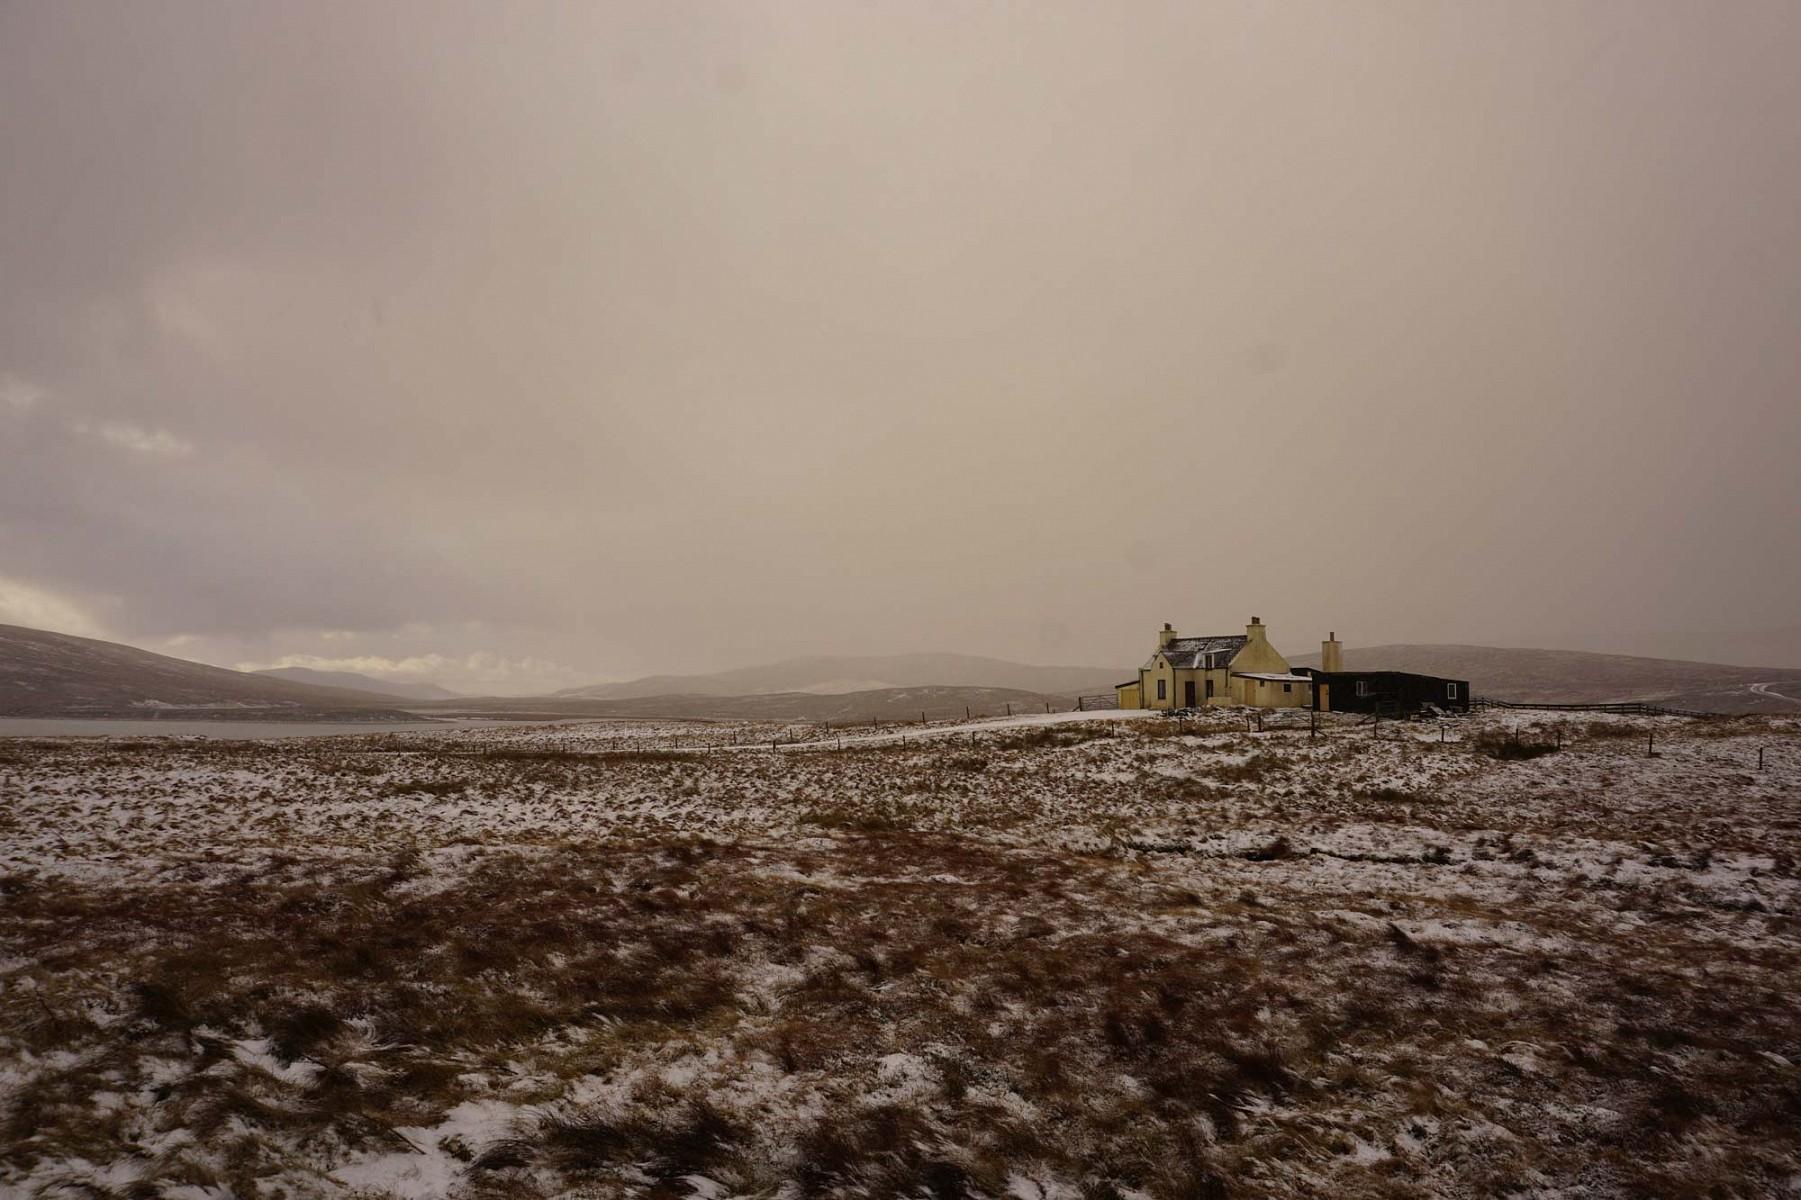 pDer-Winter-sorgt-auch-fuumlr-reizvoll-melancholische-Stimmungenp